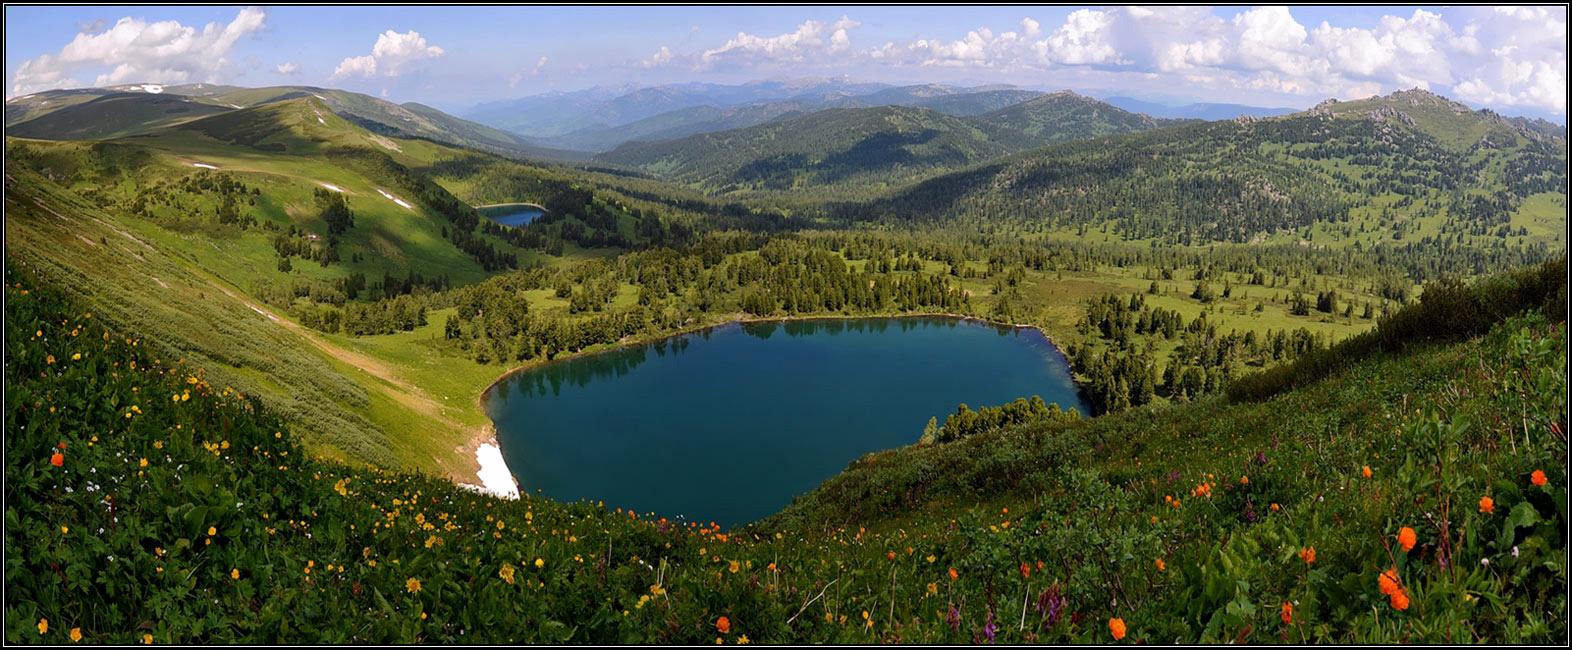 Западно-Алтайский государственный заповедник организован в 1992 году и занимает площадь в 56,3 тыс.га. В истоках р. Белая Уба имеется 14 мелких ледников, а выше границы леса располагаются малые горные озера ледникового происхождения и болота, дающие начало ручьям. Здесь рядом сразу несколько климатических зон - таежные хвойные леса, альпийские луга и высокогорная тундра. И все это соседствует друг с другом, создавая на склонах невероятные по красоте лиственные и кедрово-пихтовые зеленые пояса.